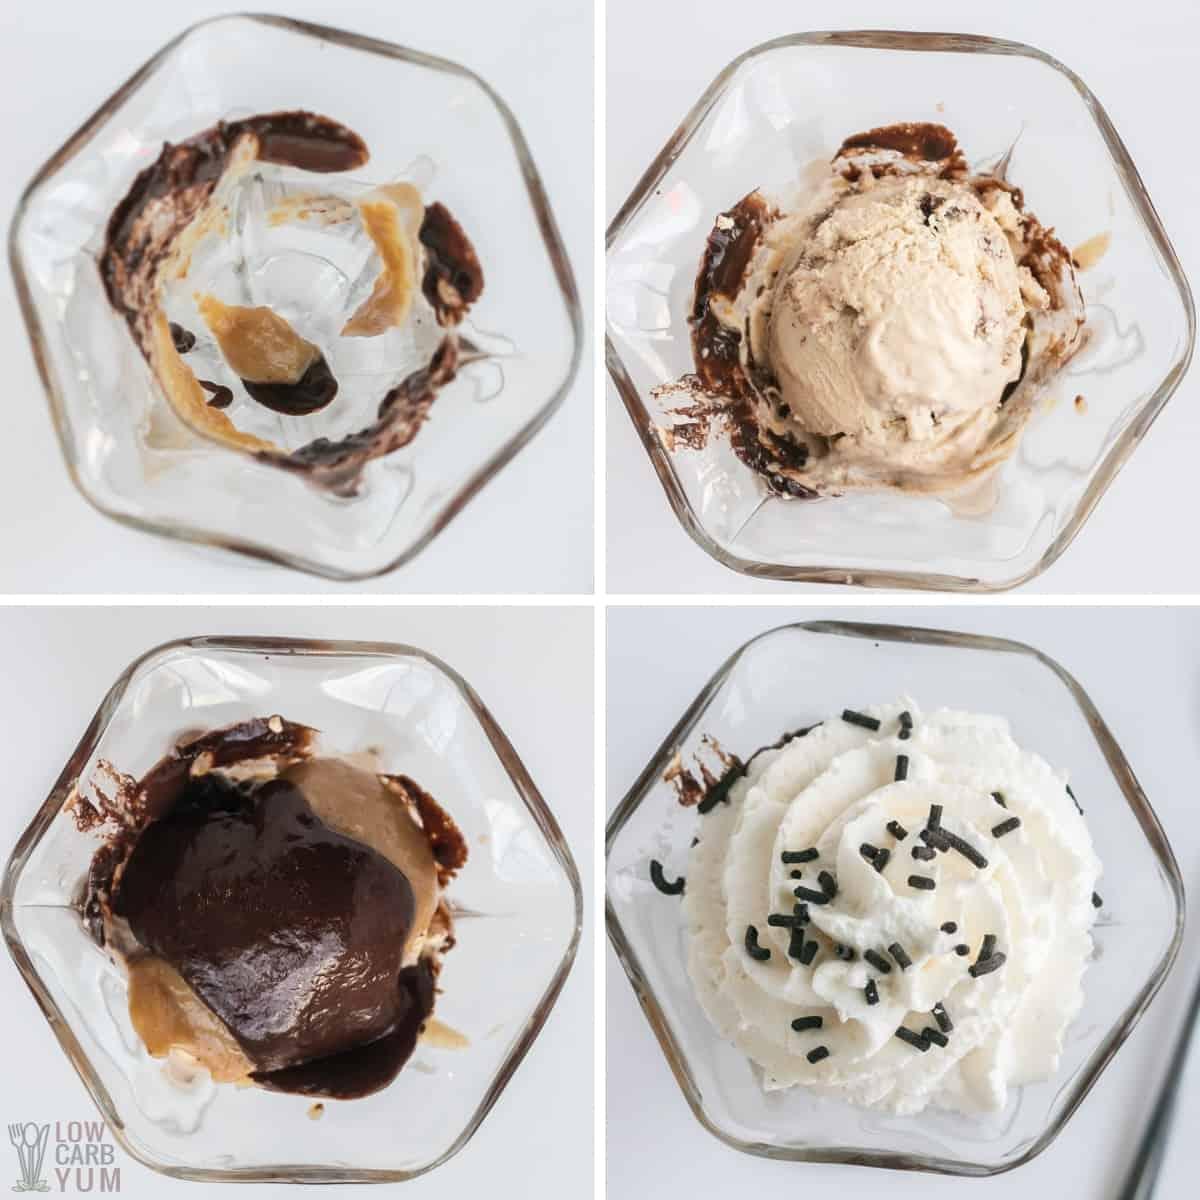 steps for hot fudge peanut butter sundae